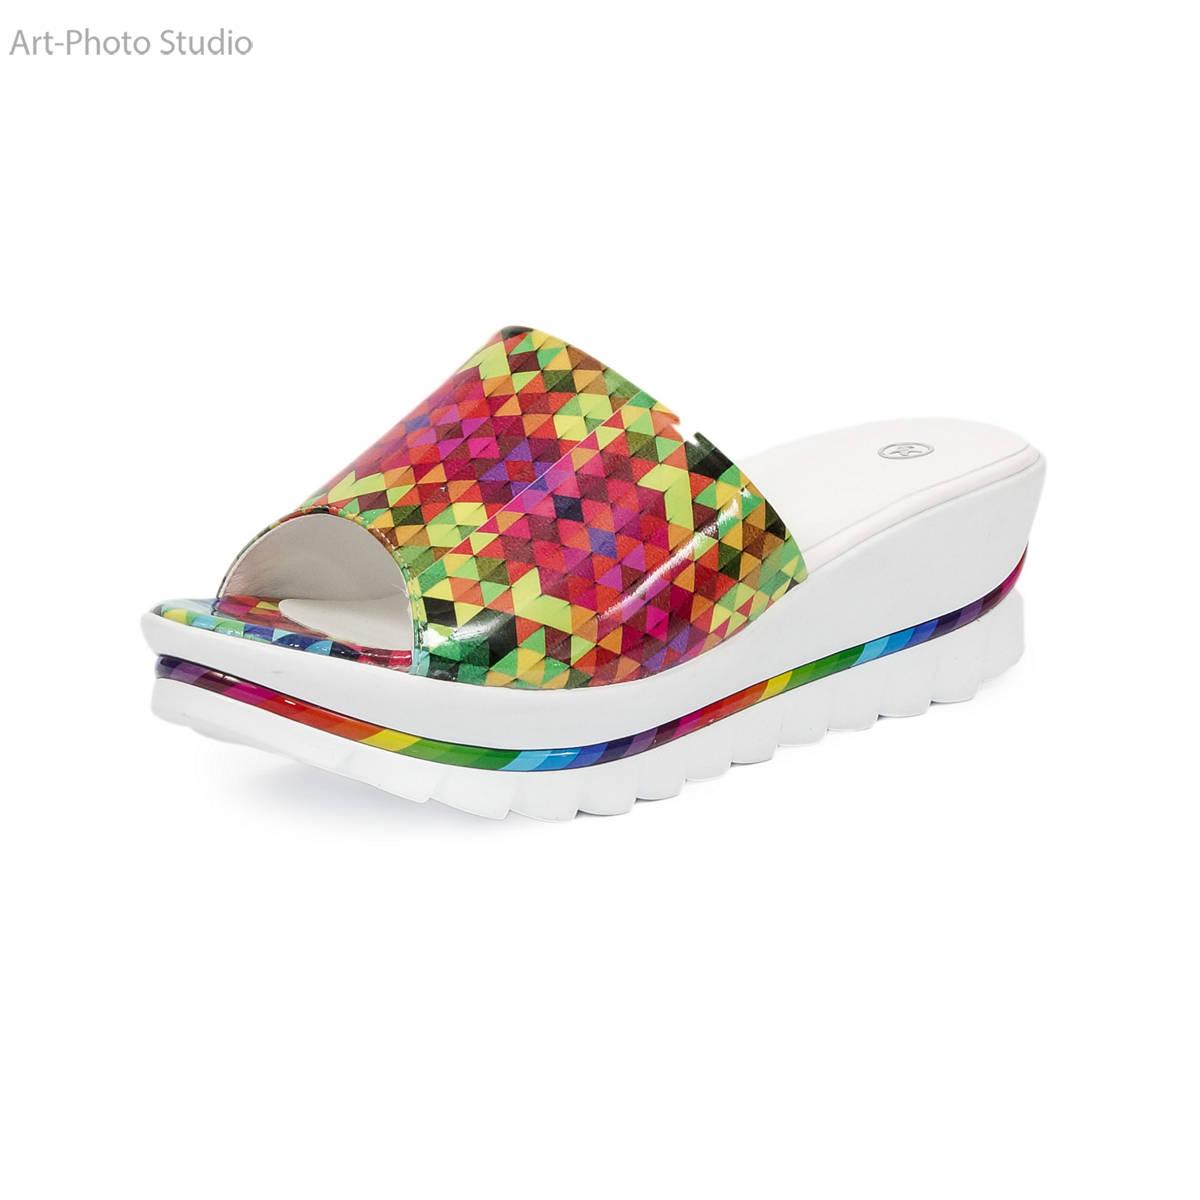 предметная съемка обуви белого цвета для каталогов